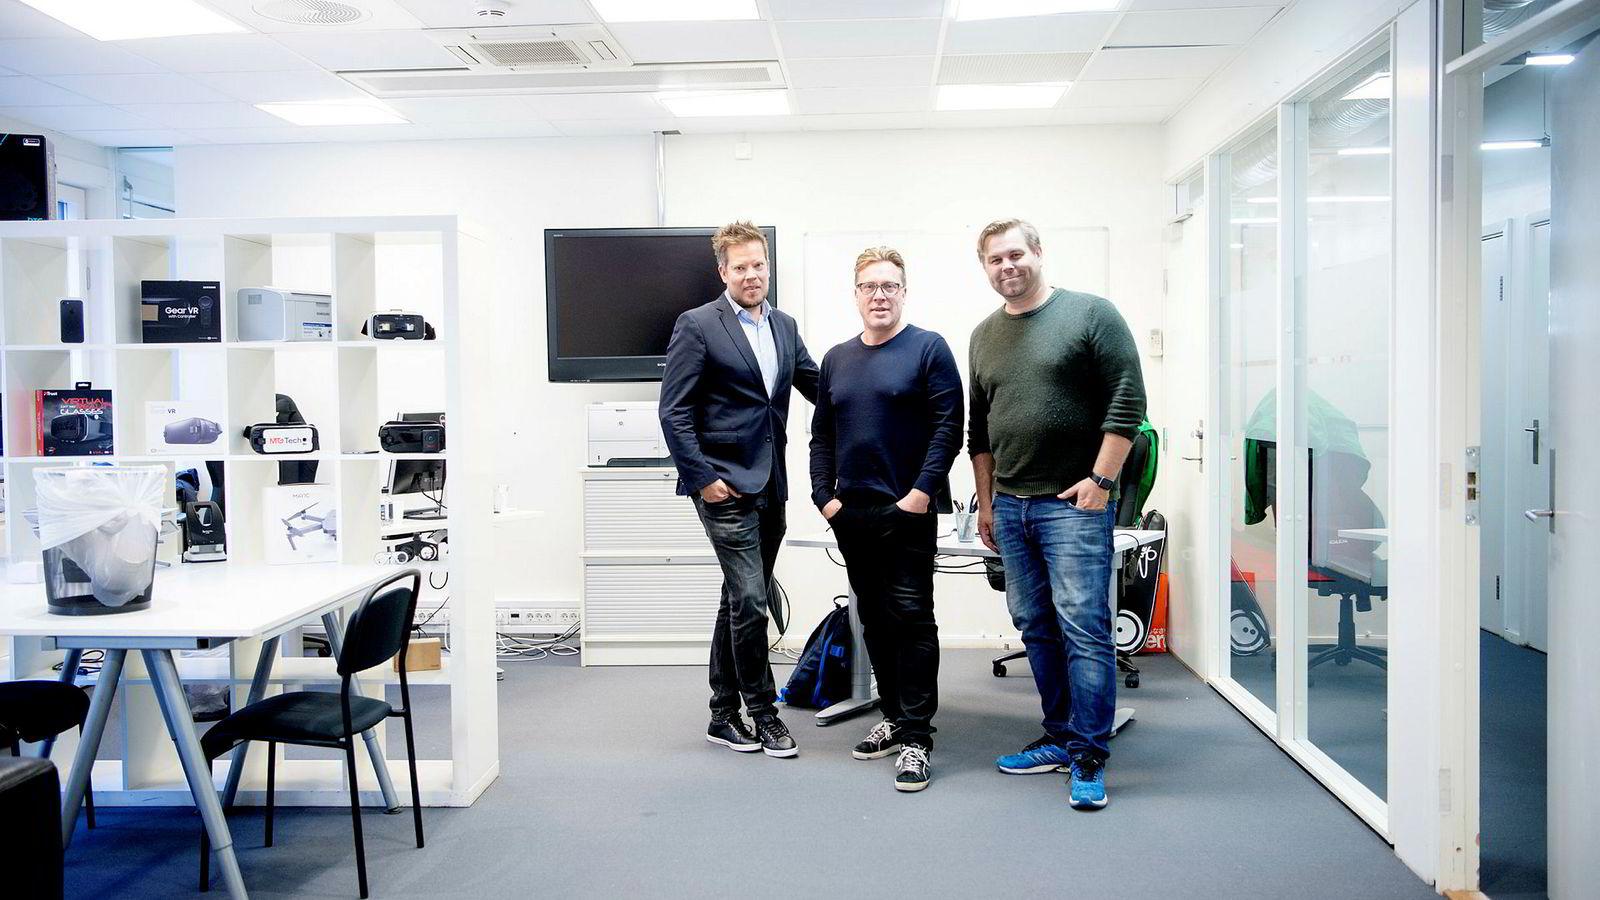 Fra venstre: Utviklingsdirektør Jørn Korbi, gründer Tom Roger Sokki og sjef for MTG Ignite, Trygve Refvem. Sokkis selskap, Lavo, er med på et av samarbeidsprosjektene til MTG Ignite.